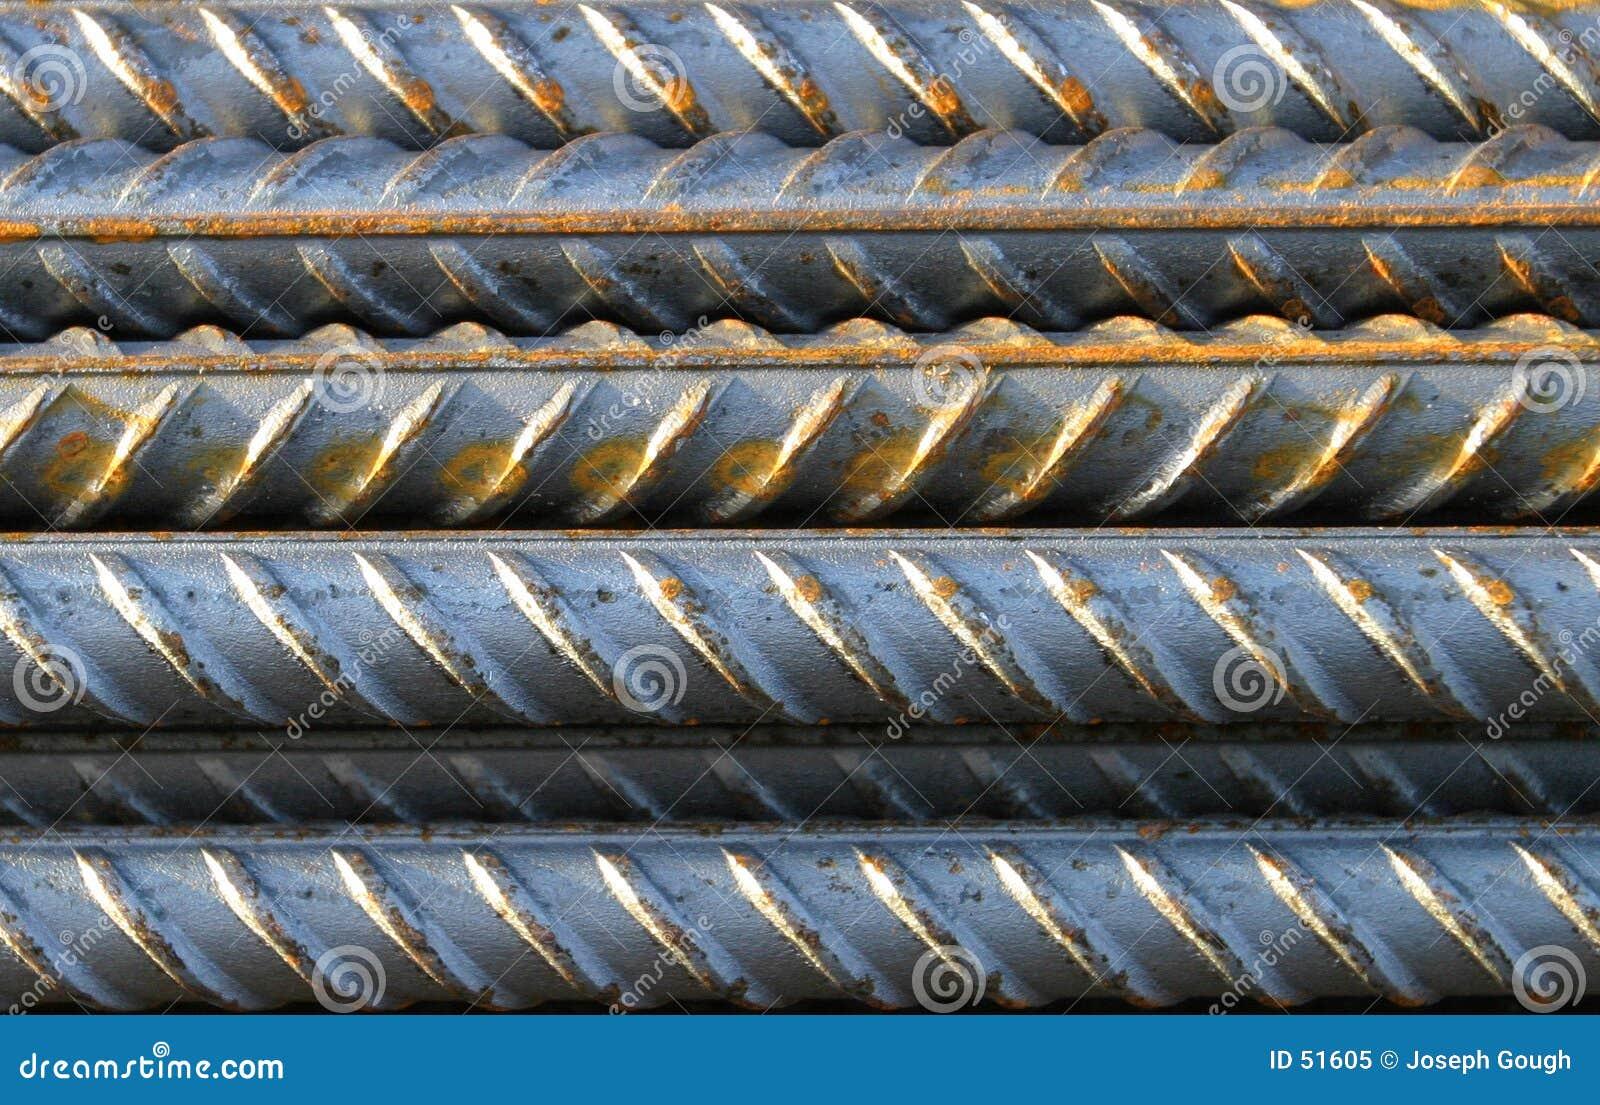 Staven 1 van het staal